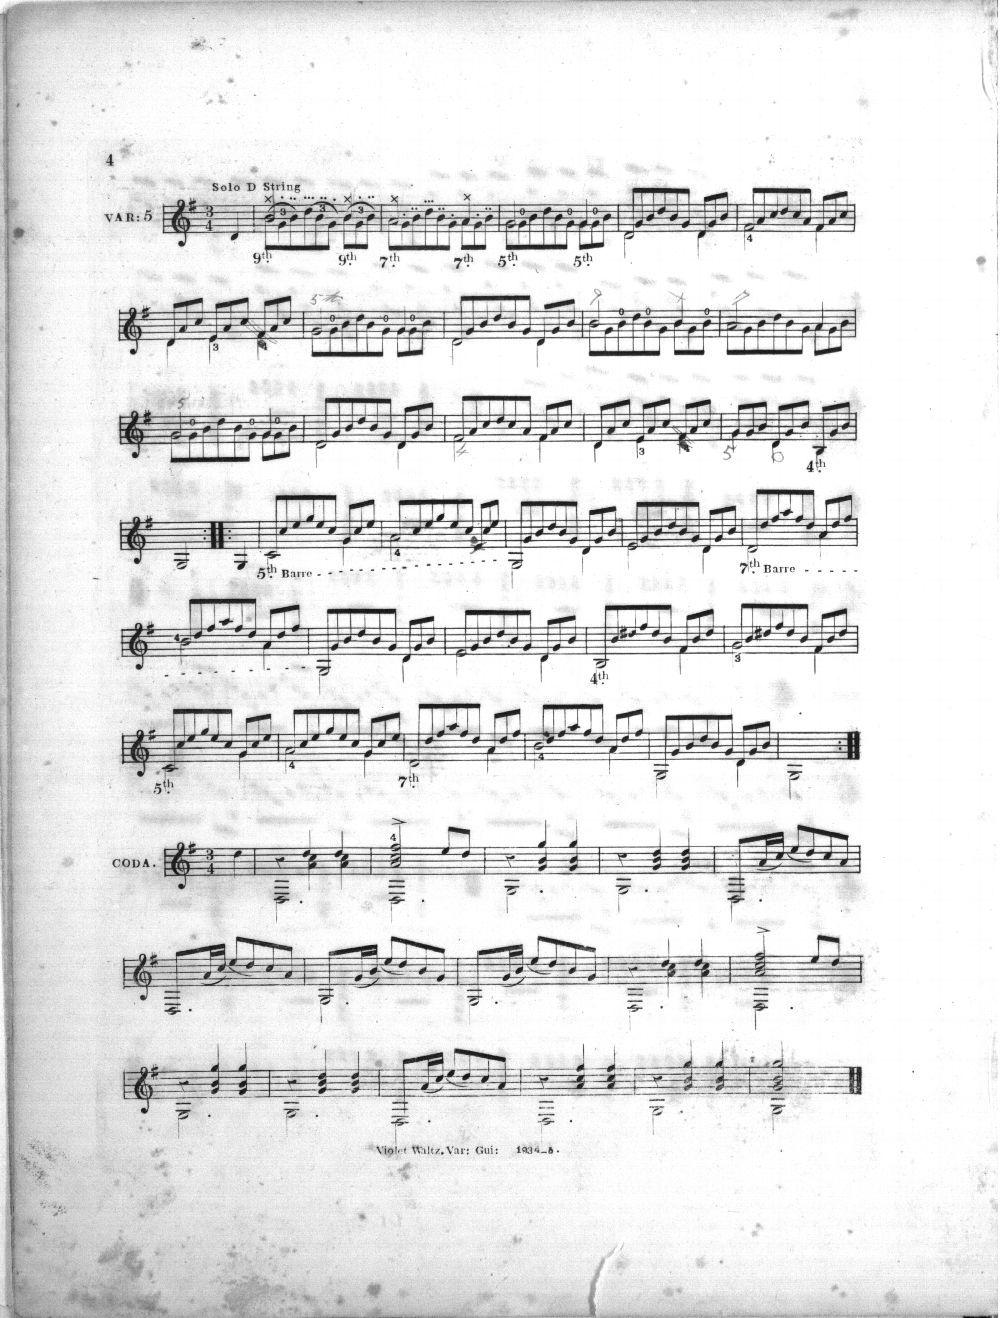 Celebrated violet waltz varied for the guitar - 5